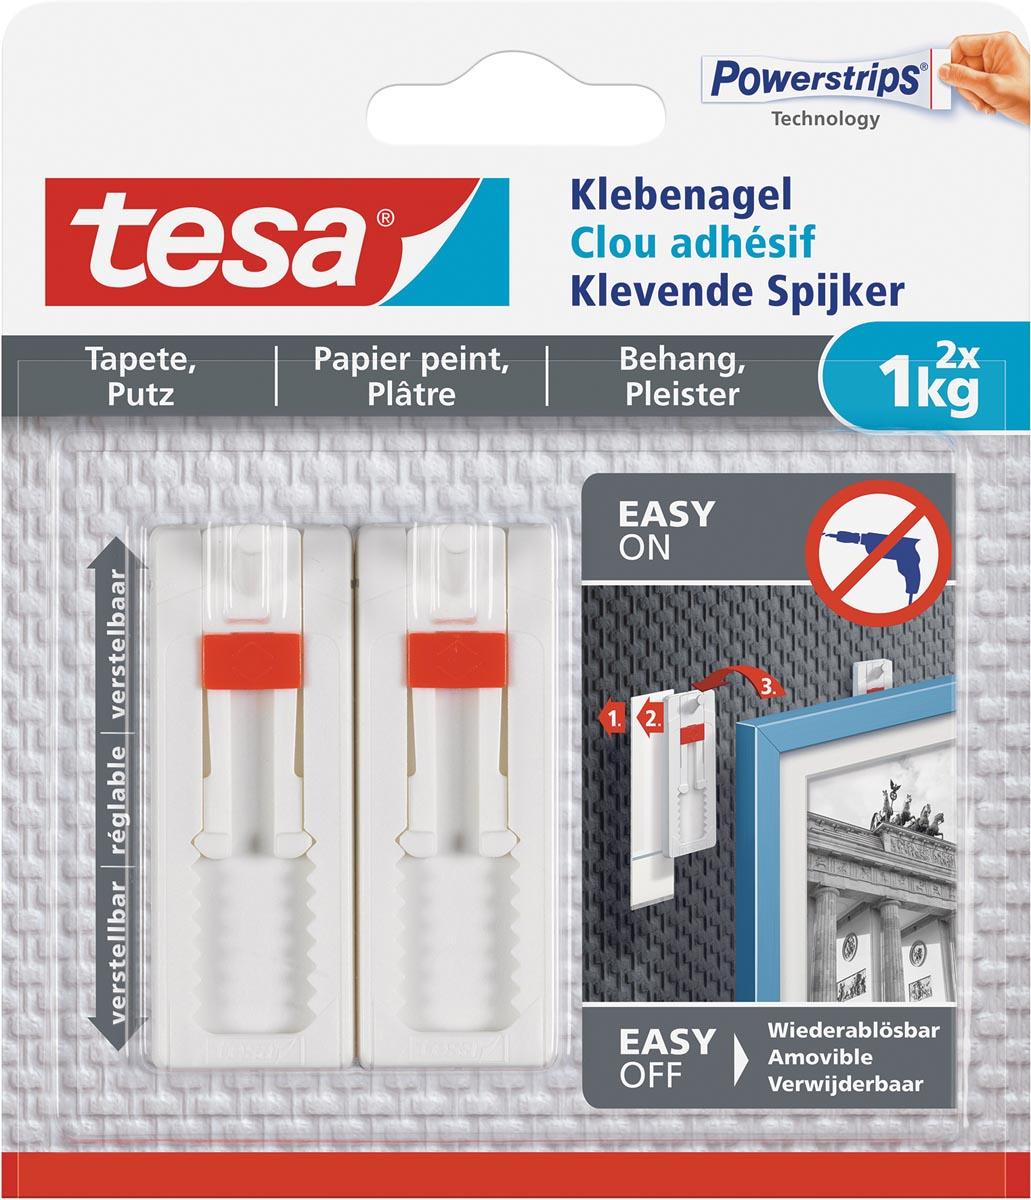 Tesa Klevende Spijker voor Behang en Pleisterwerk, verstelbaar, draagvermogen 1 kg, blister van 2 st